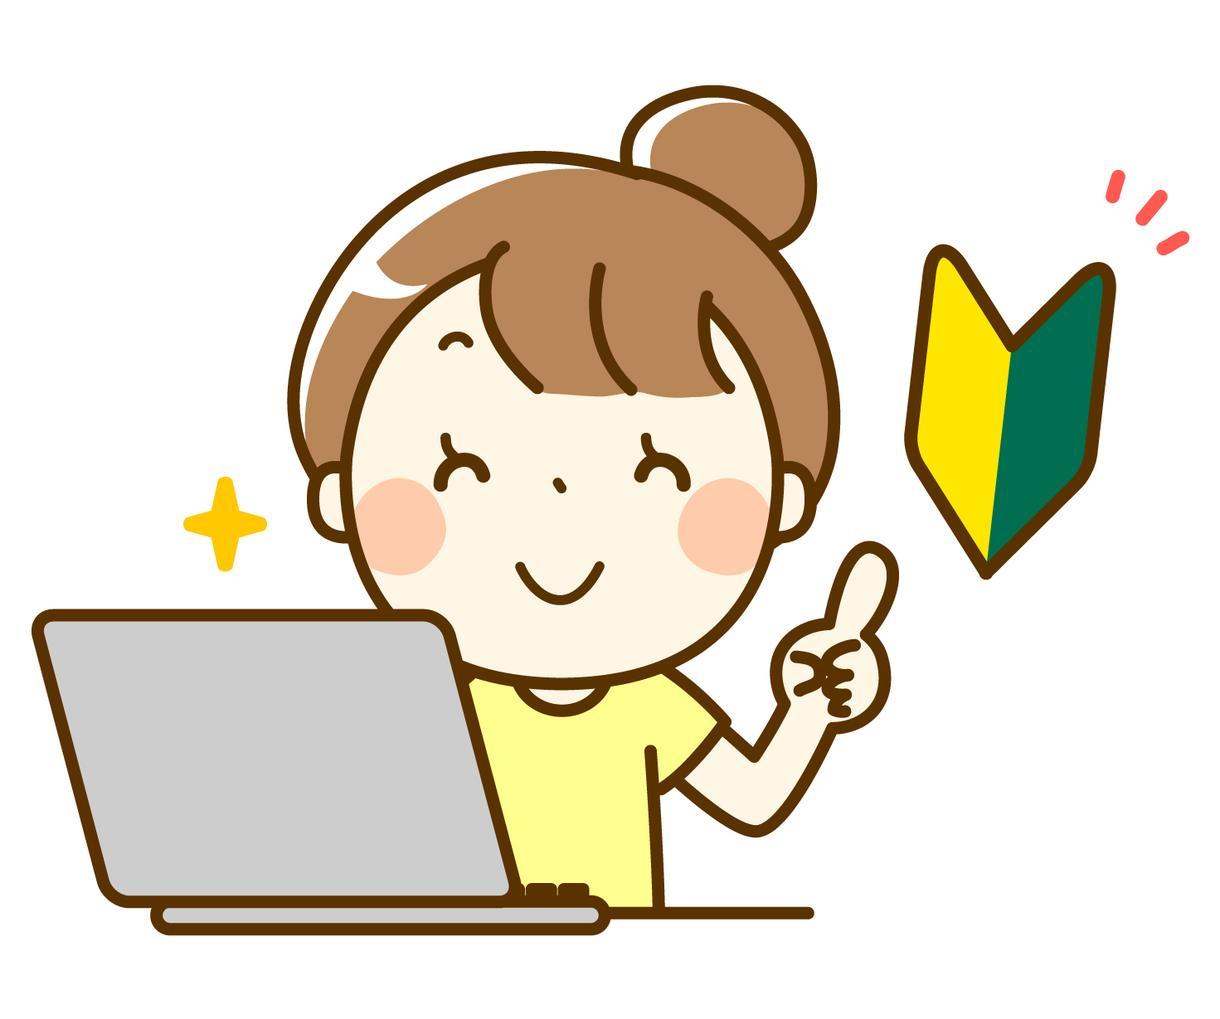 独自ドメイン取得&サーバー契約の相談のります 初心者さん!これからブログ作りたいorサイト立ち上げたい方